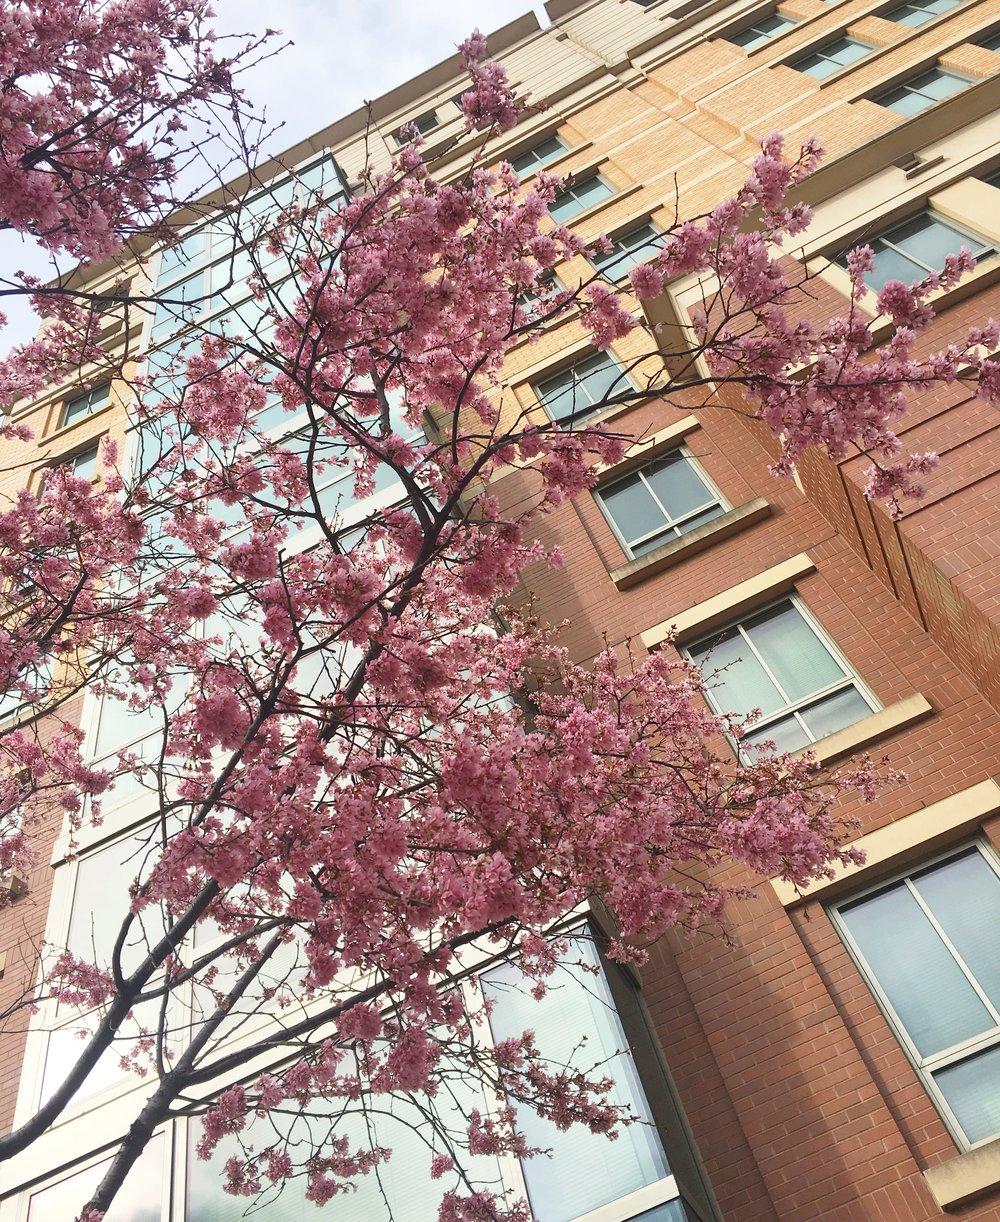 D.C. cherry blossoms.